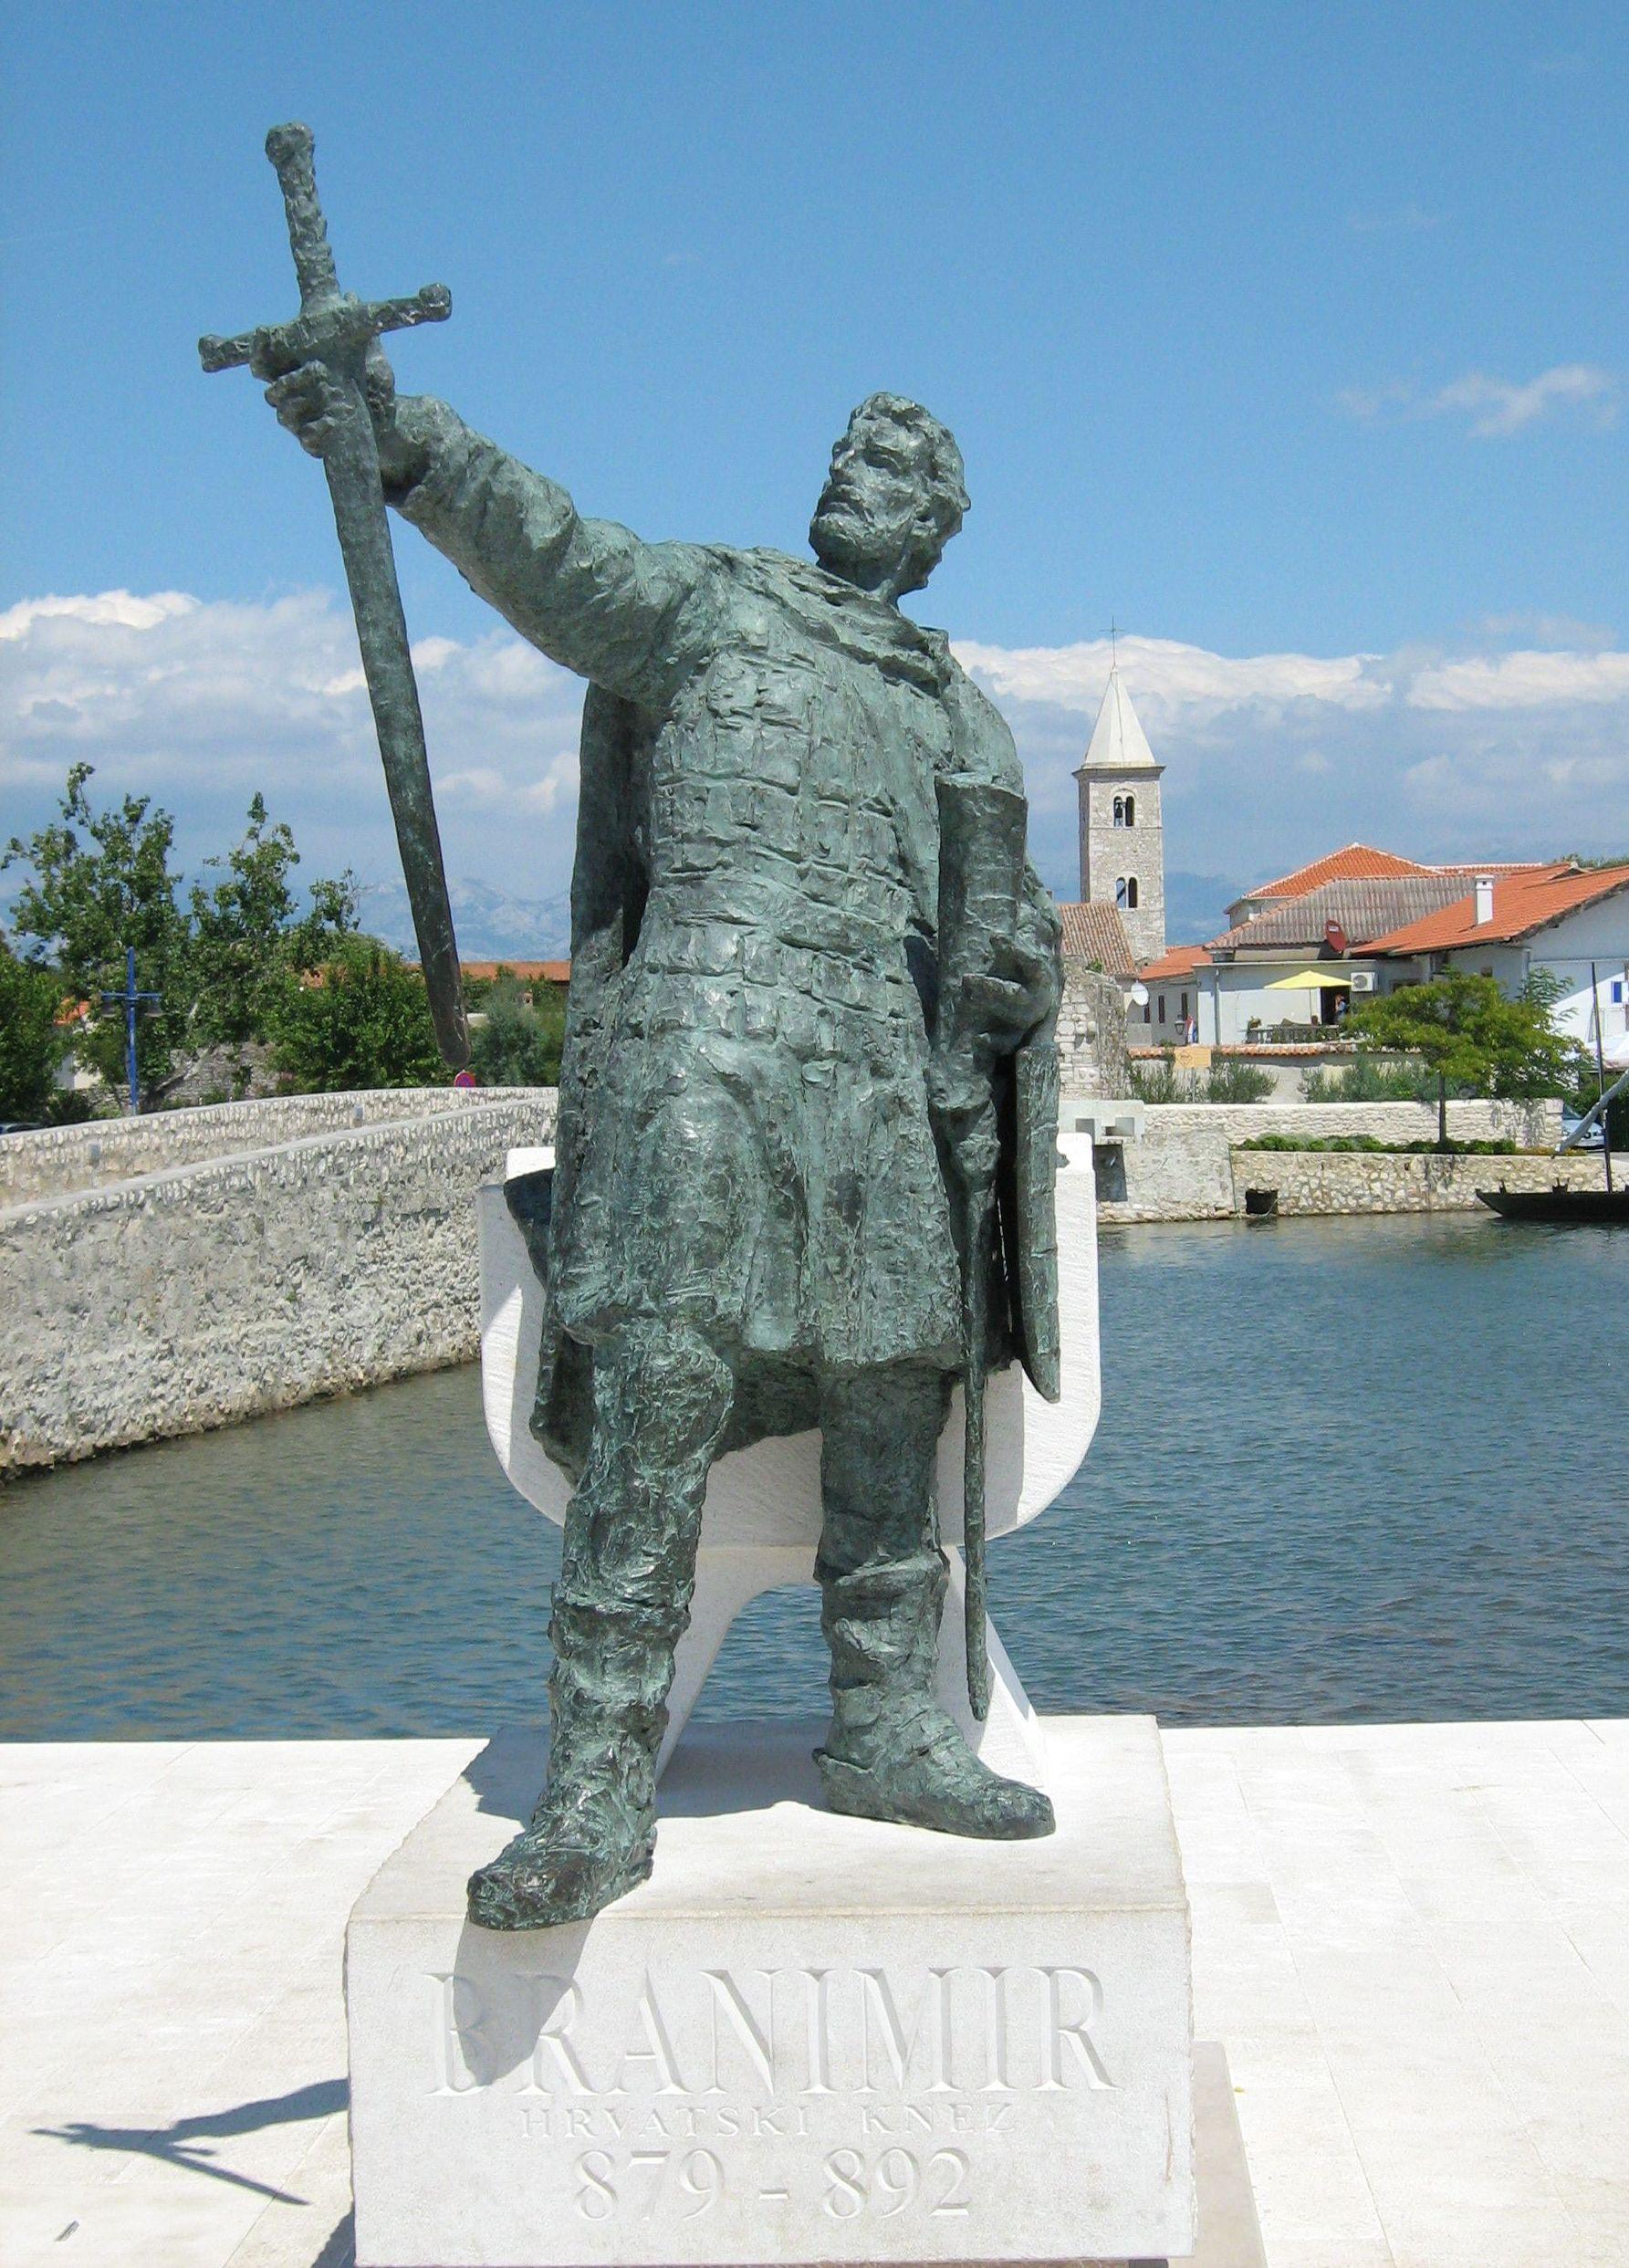 Branimir fejedelem szobra (Forrás: www.wikipedia.org)